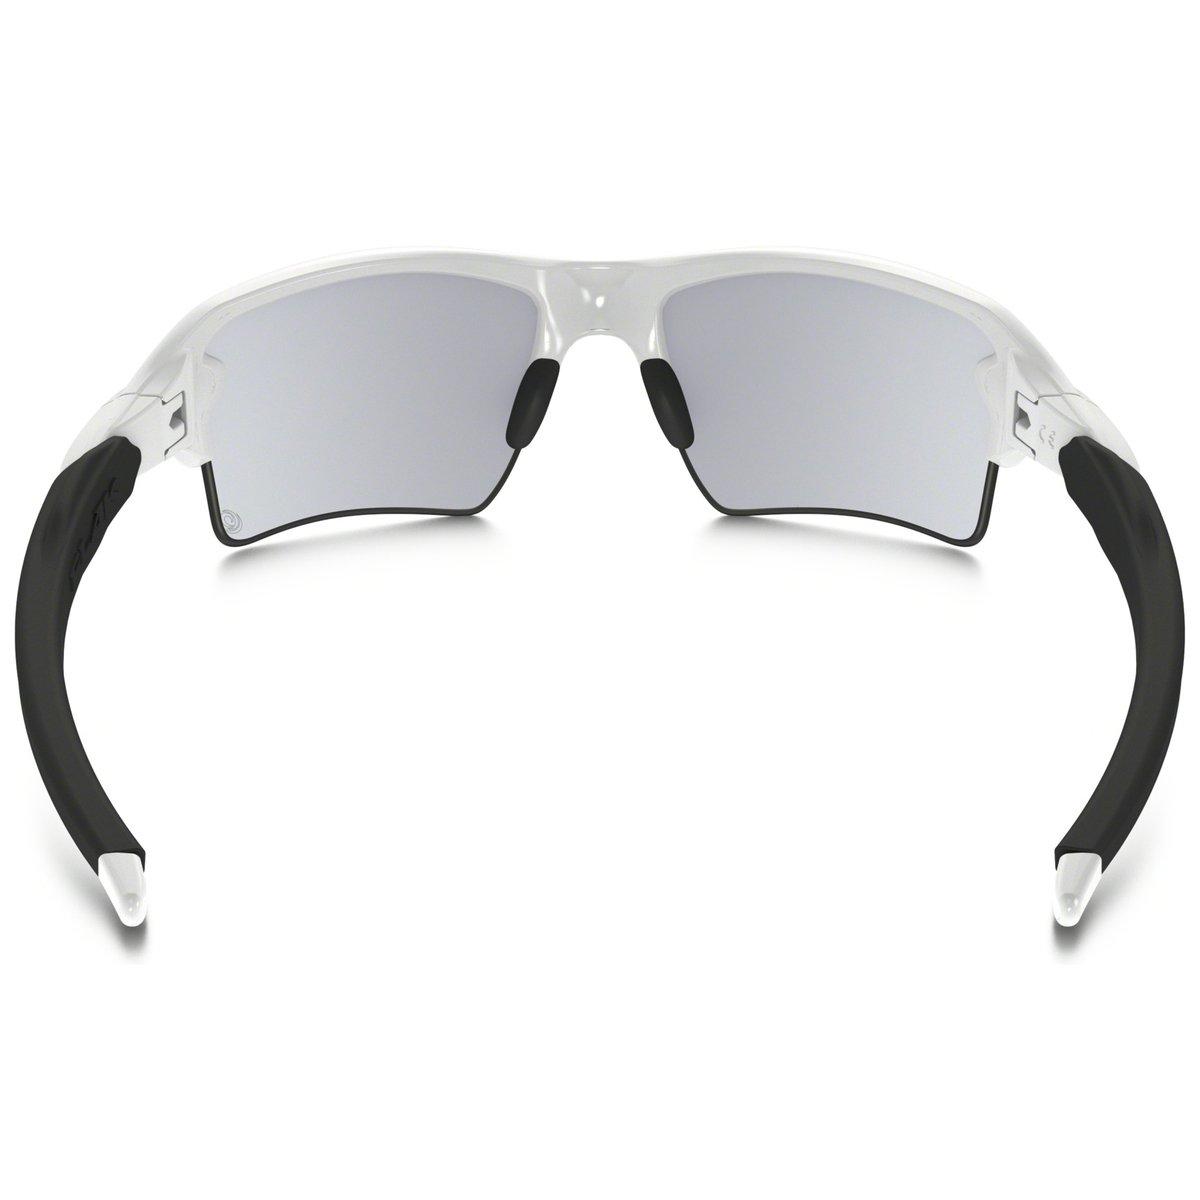 Oculos U Oakley Flak 2.0 Xl Photochromic - Compre Agora   Netshoes 1f4c048977